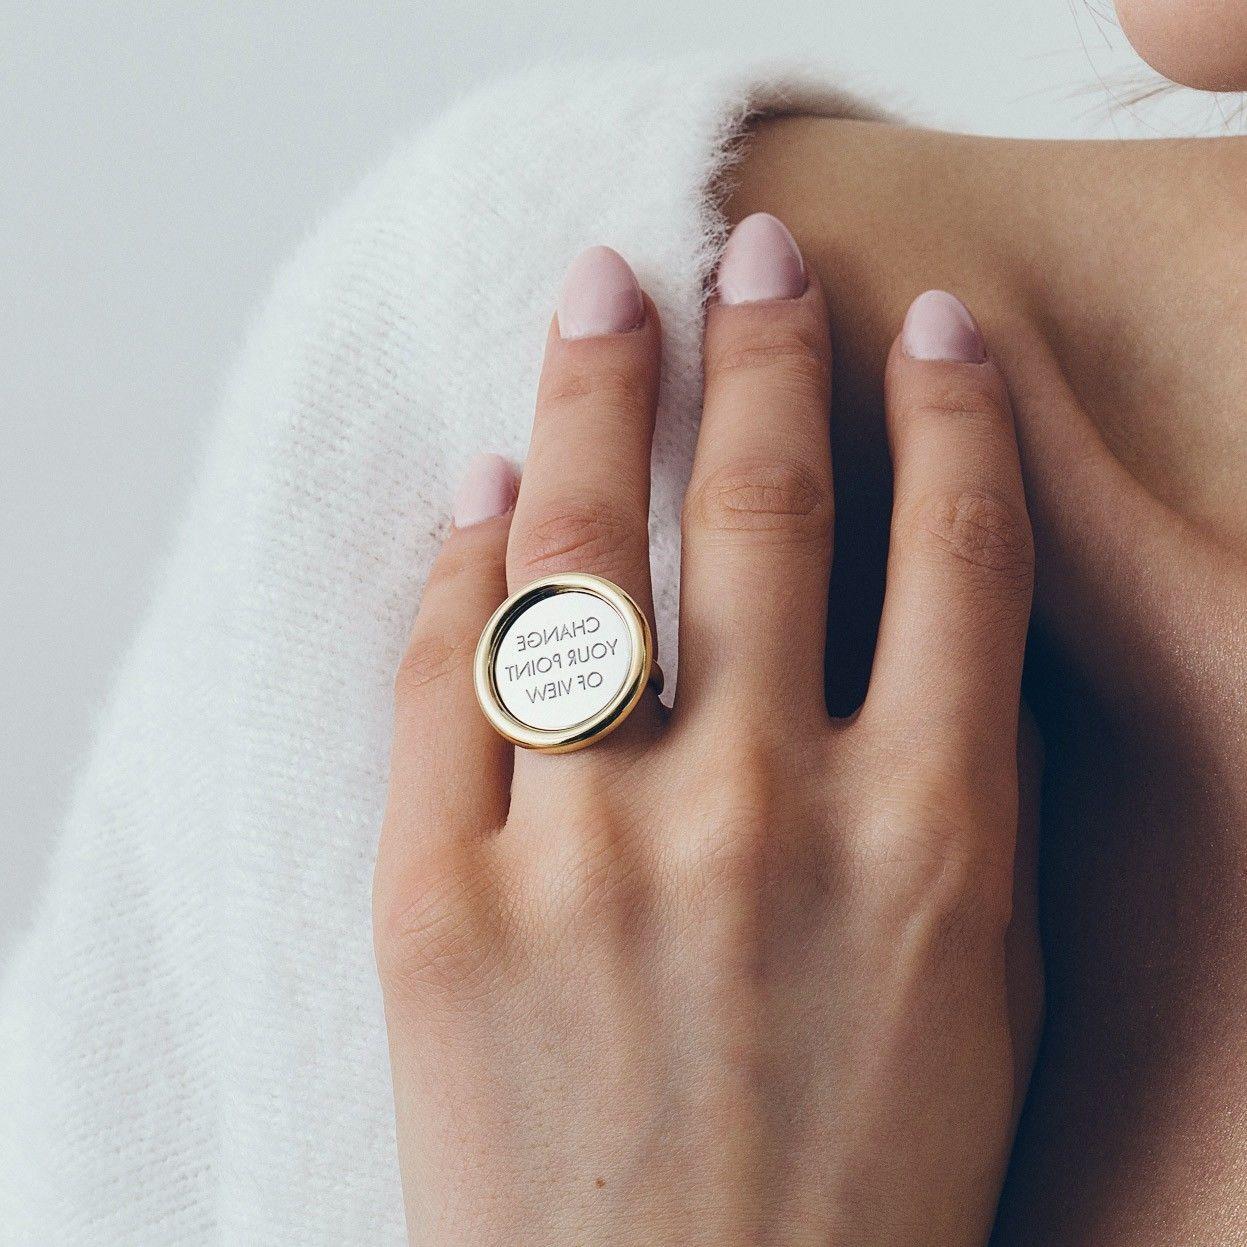 Srebrny pierścionek lustro, grawer, srebro 925 : ROZMIAR PIERŚCIONKA - 15 UK:P 17,33 MM, Srebro - kolor pokrycia - Pokrycie żółtym 18K złotem